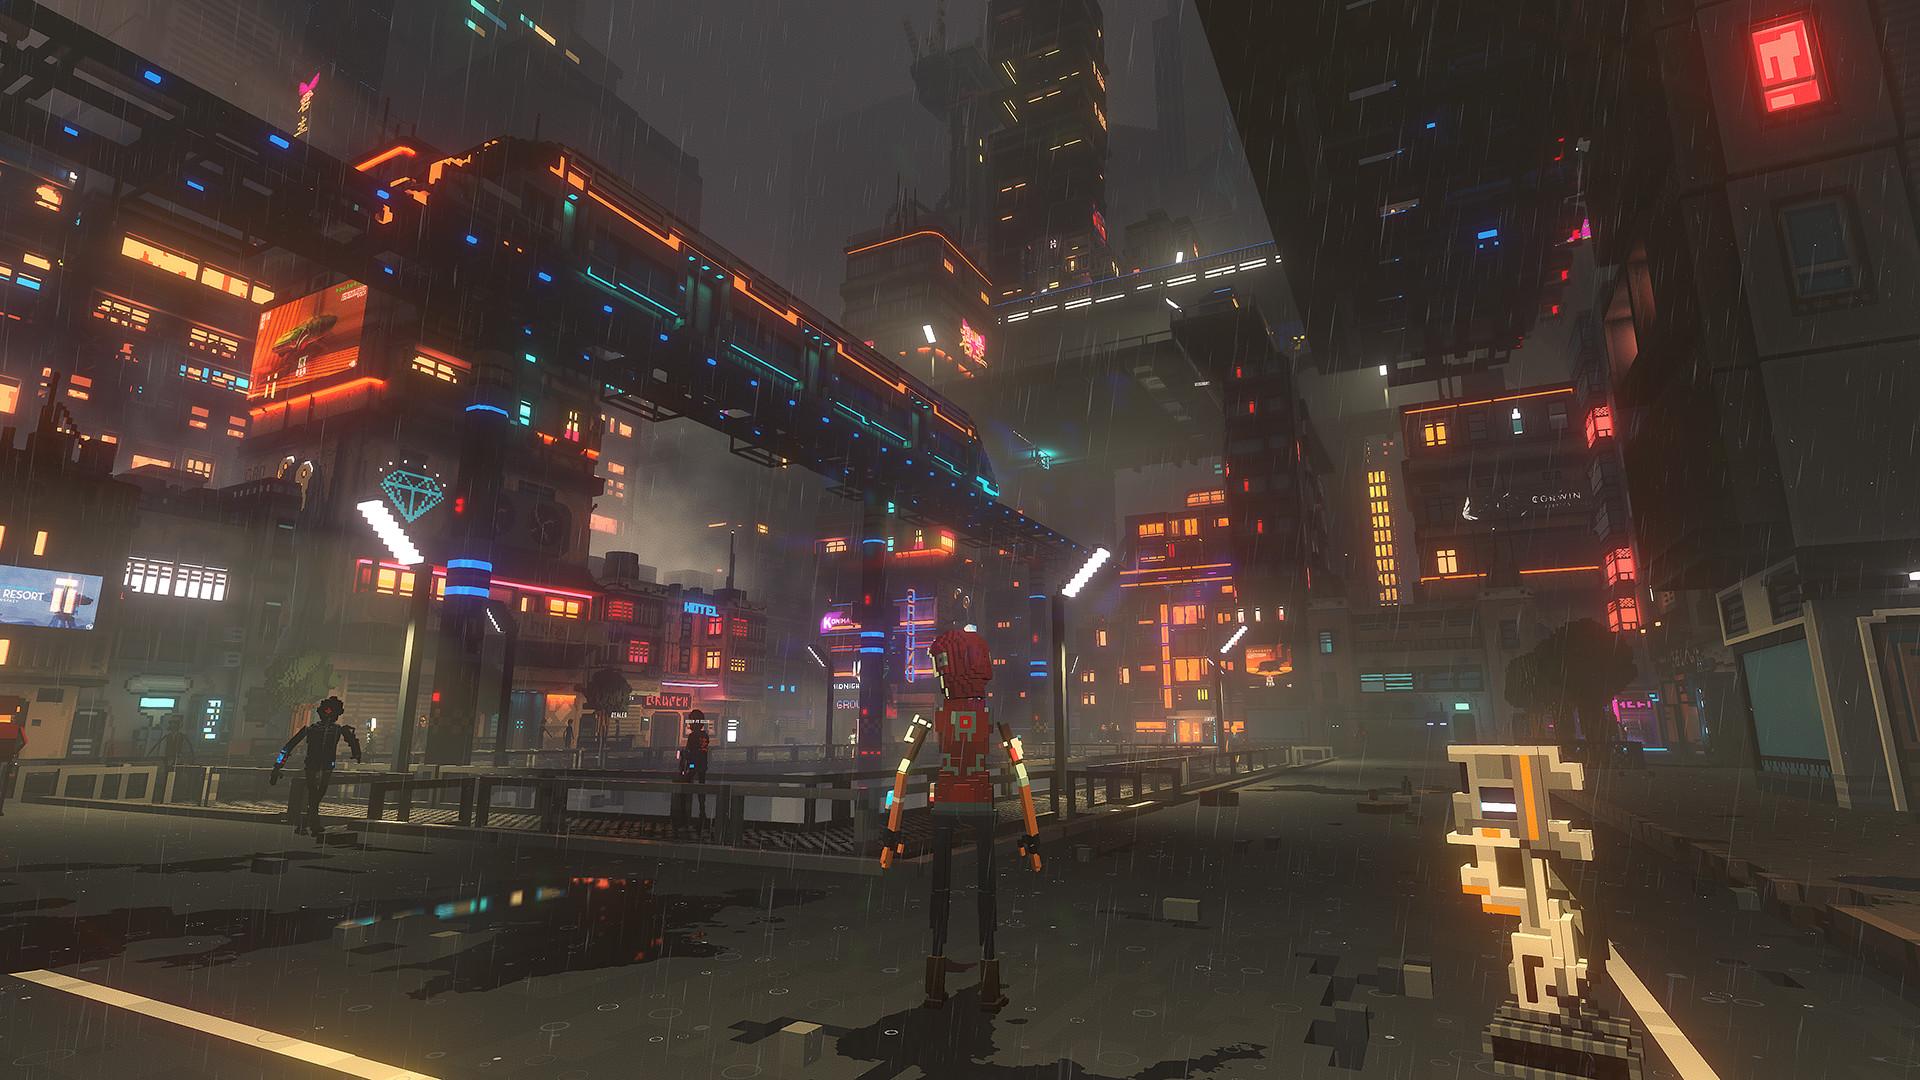 cloudpunk-pc-screenshot-02